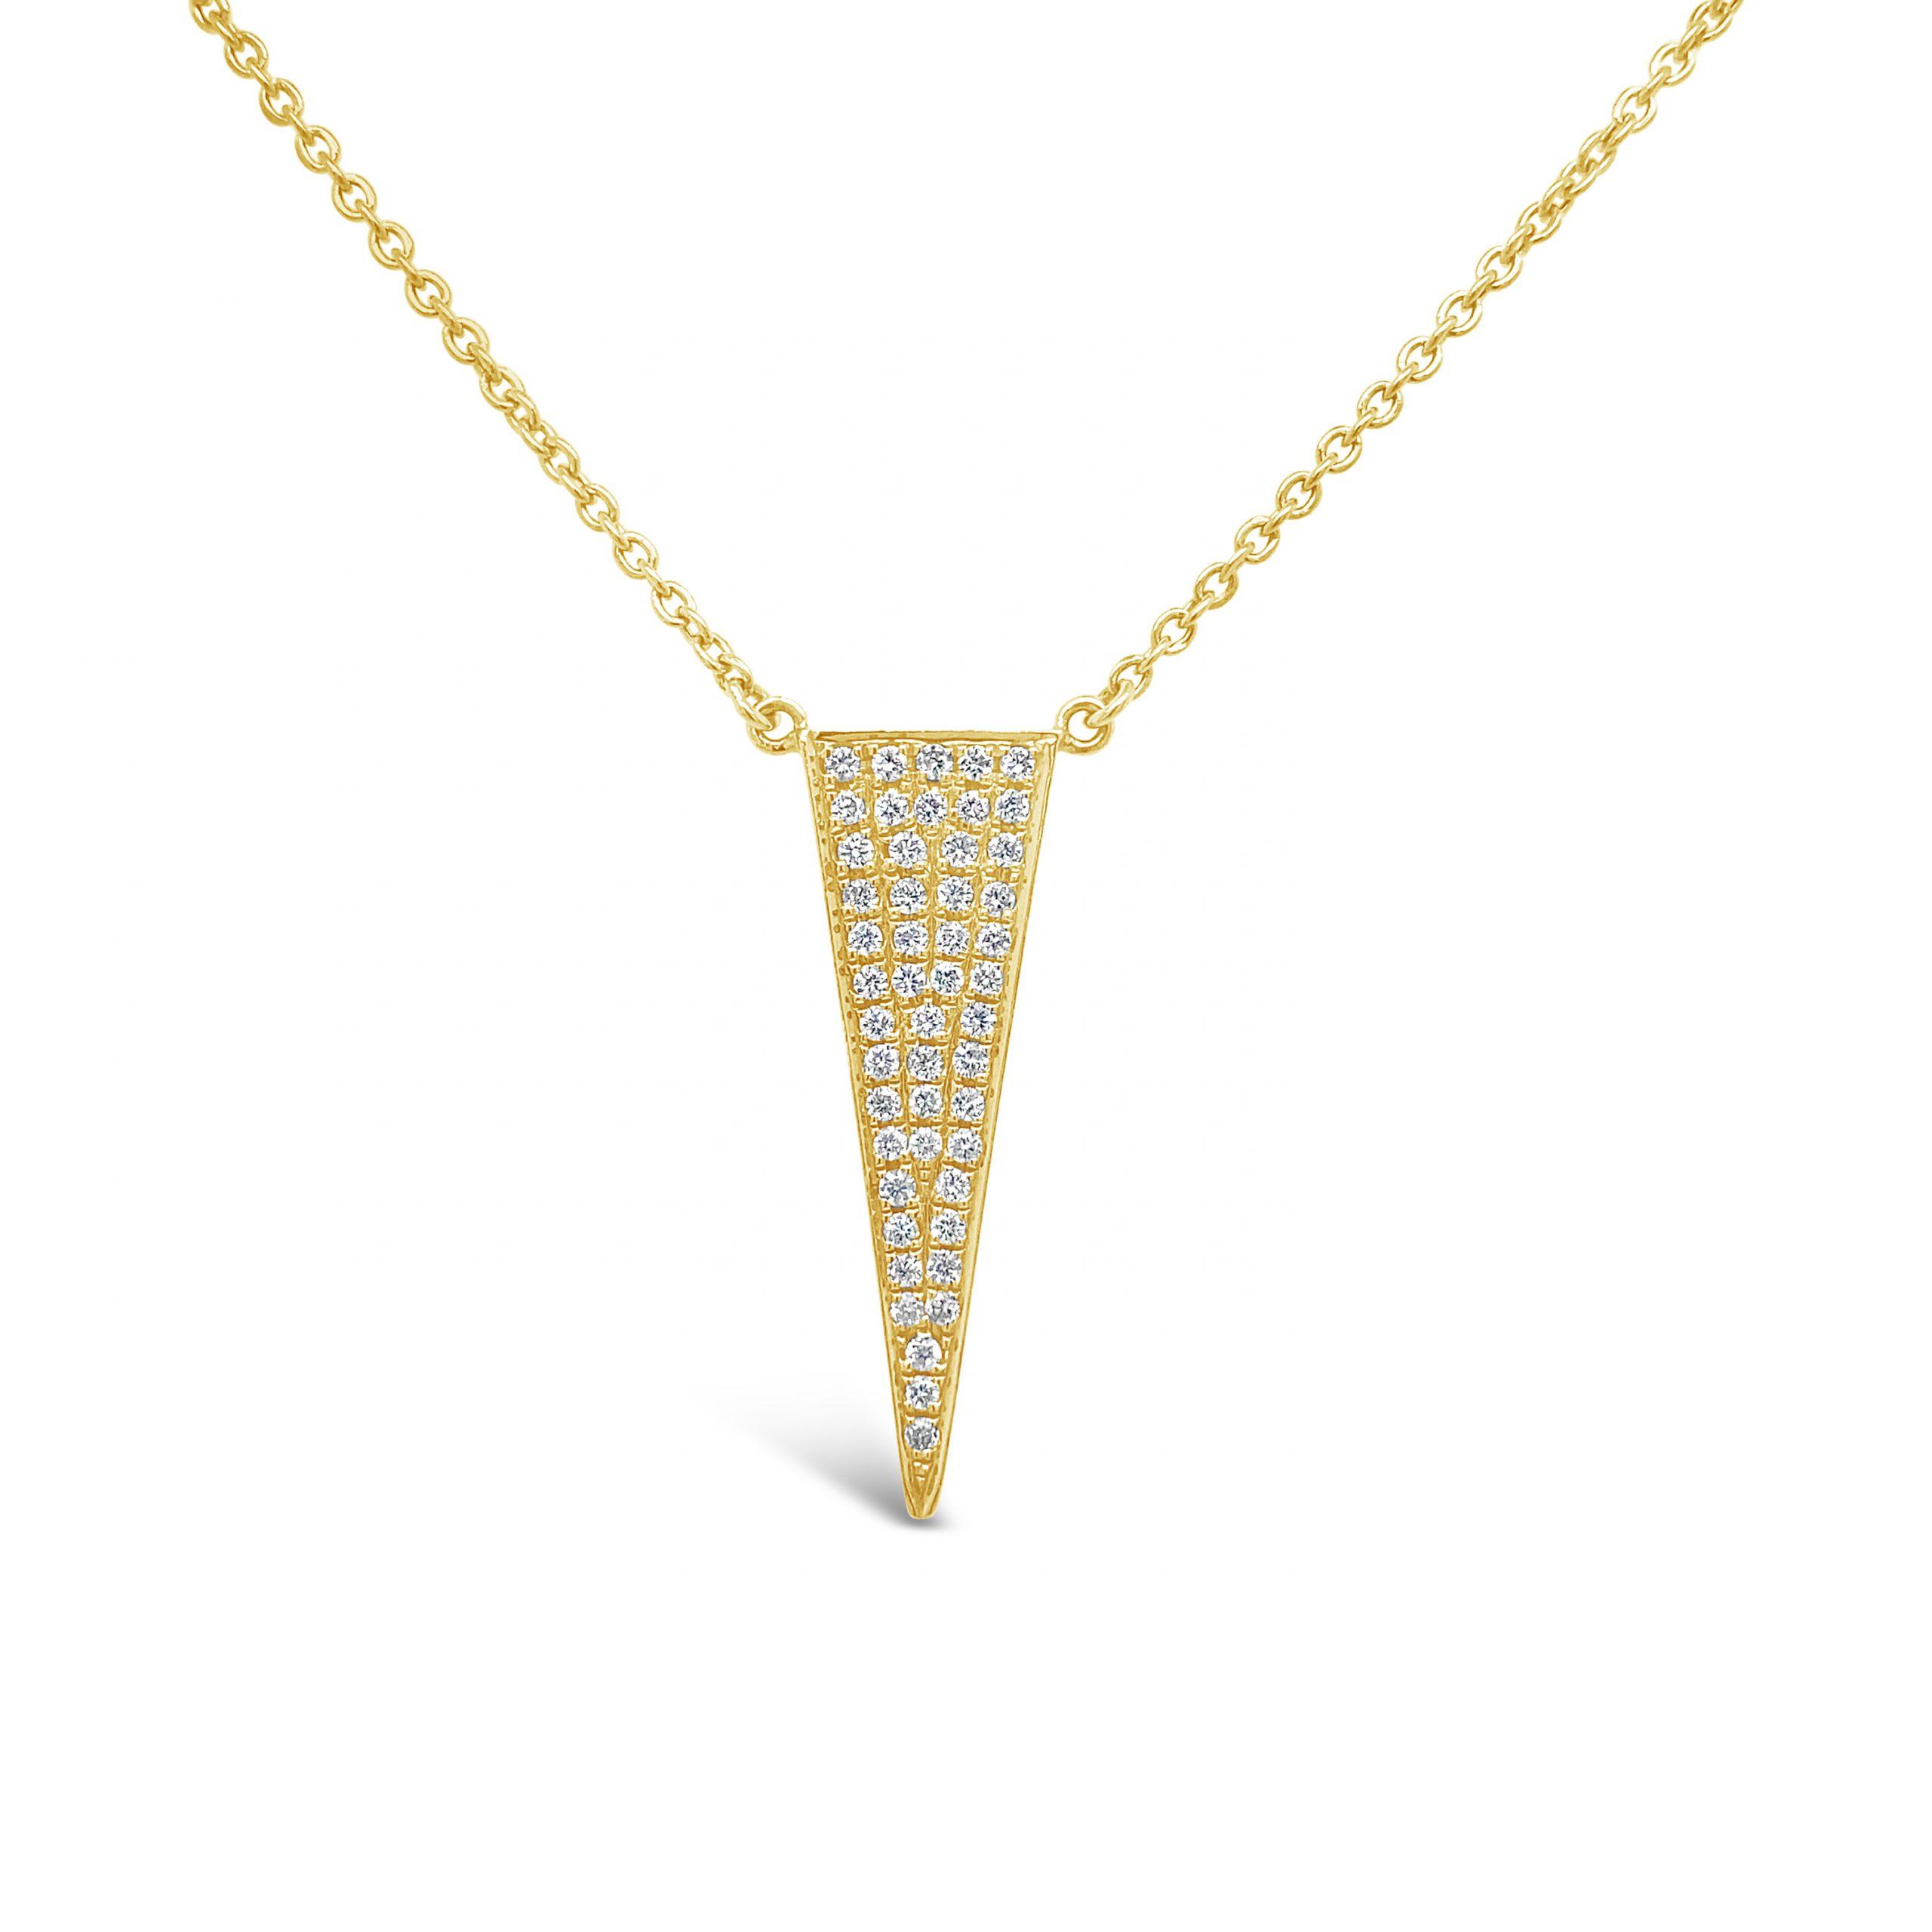 Pendantif Triángulo Brillantes